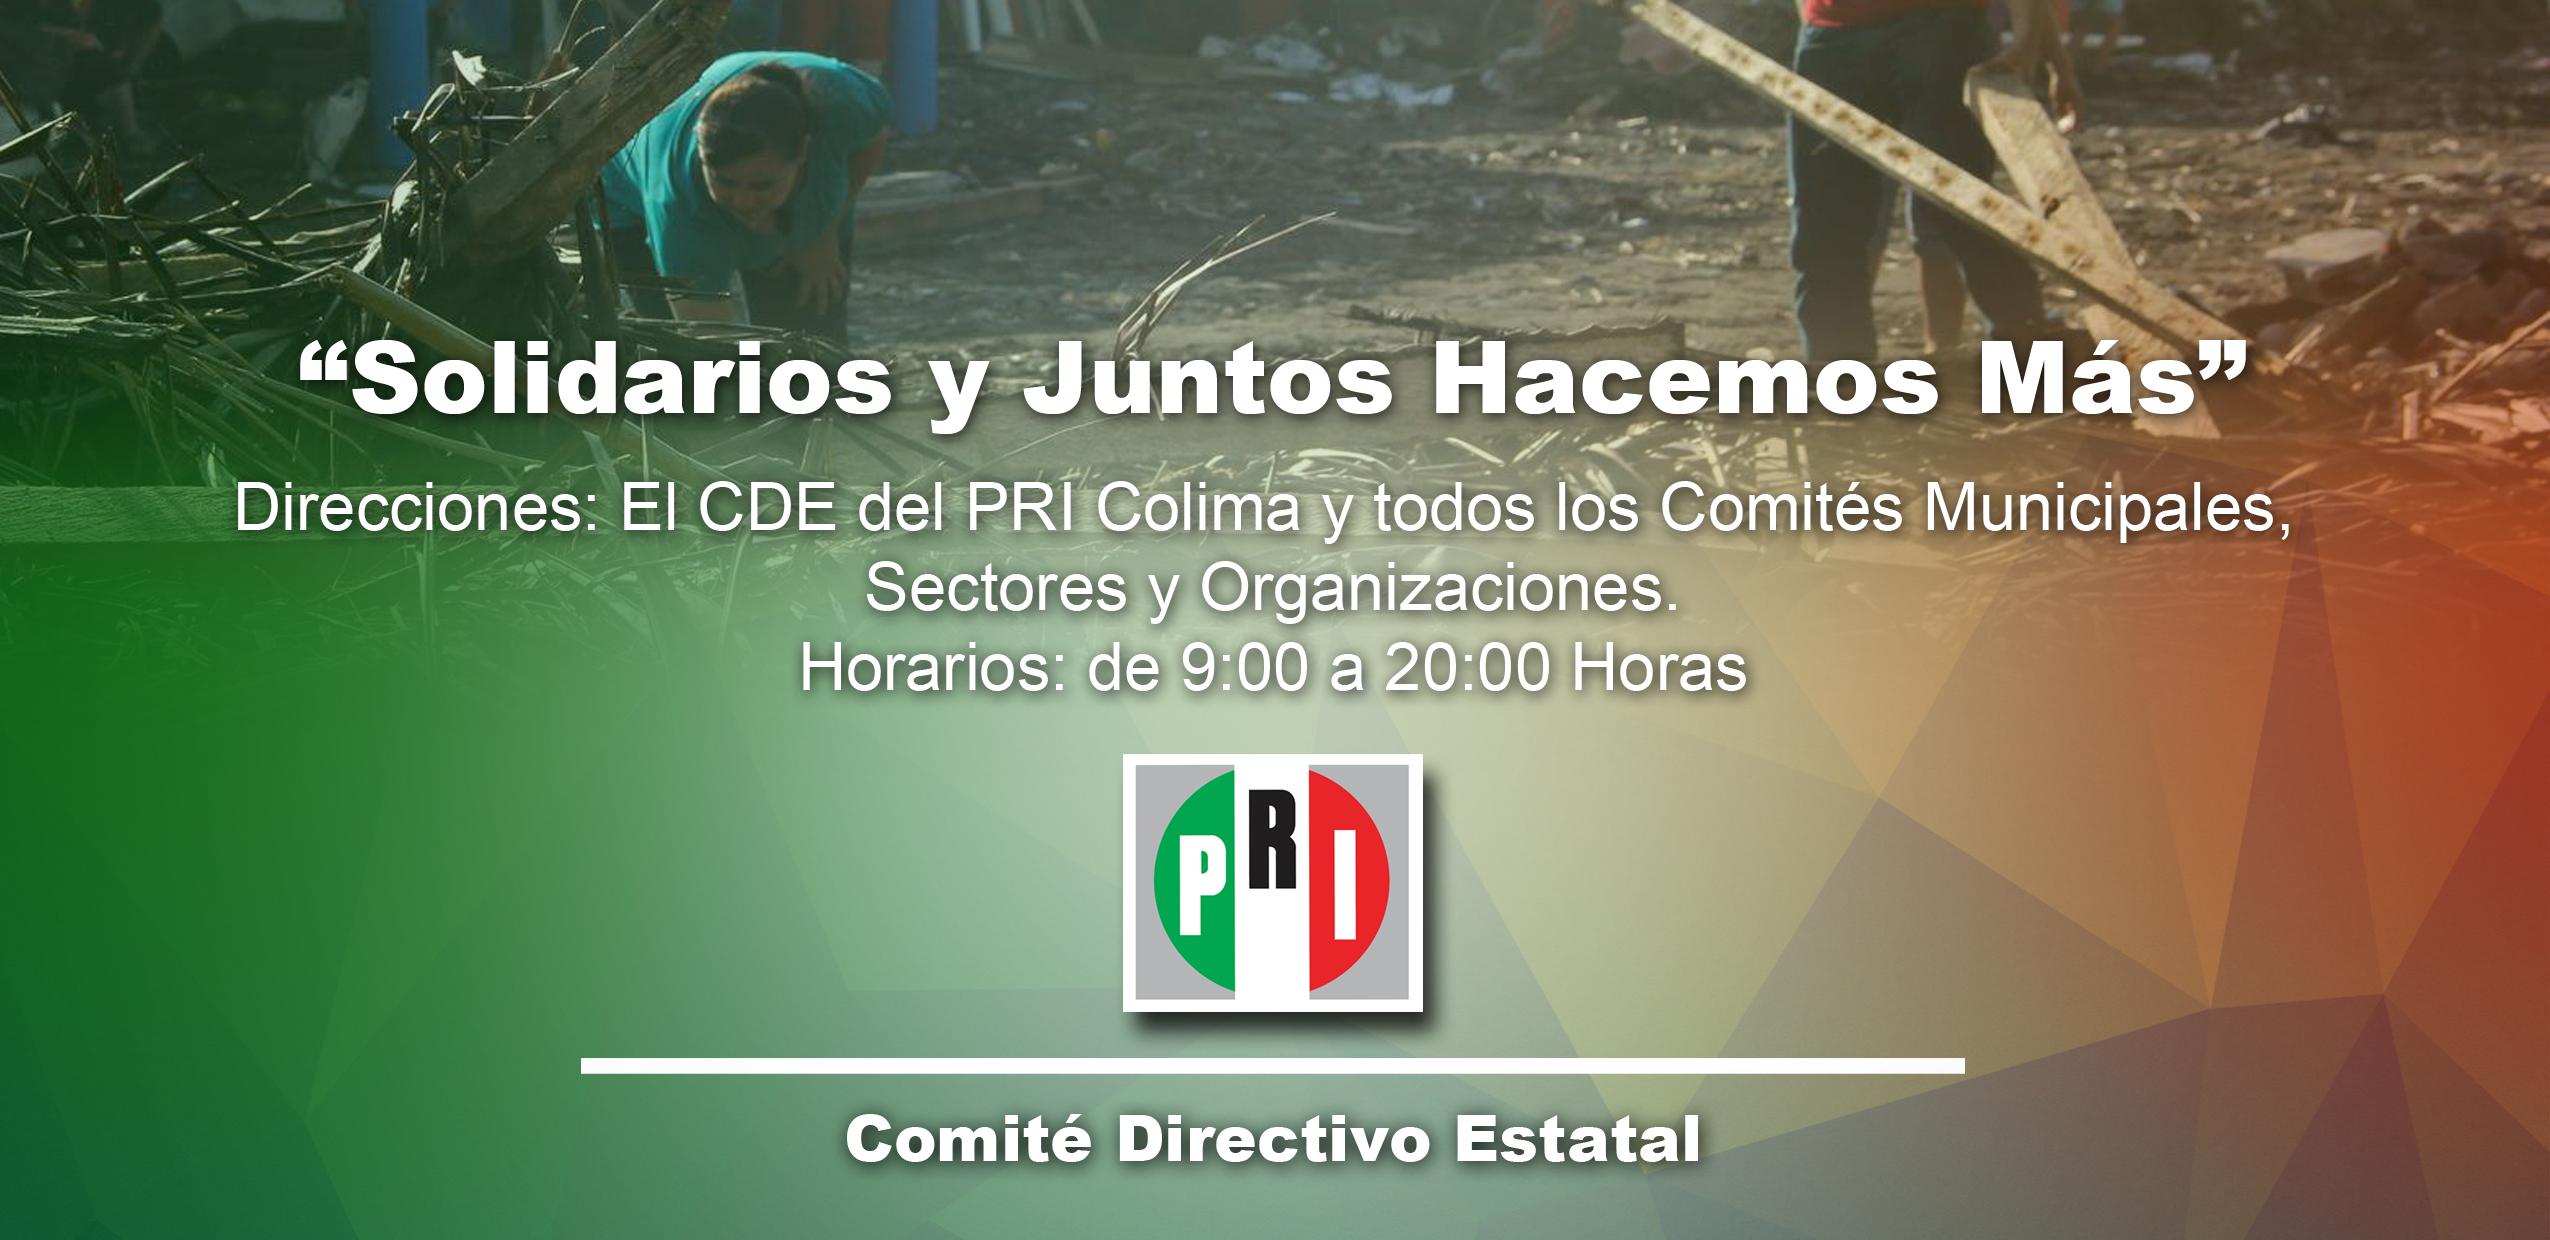 """COMITÉ DIRECTIVO ESTATAL DE COLIMA INSTALA CENTRO DE ACOPIO PARA APOYAR A LAS PERSONAS AFECTADAS POR EL HURACÁN """"PATRICIA"""""""